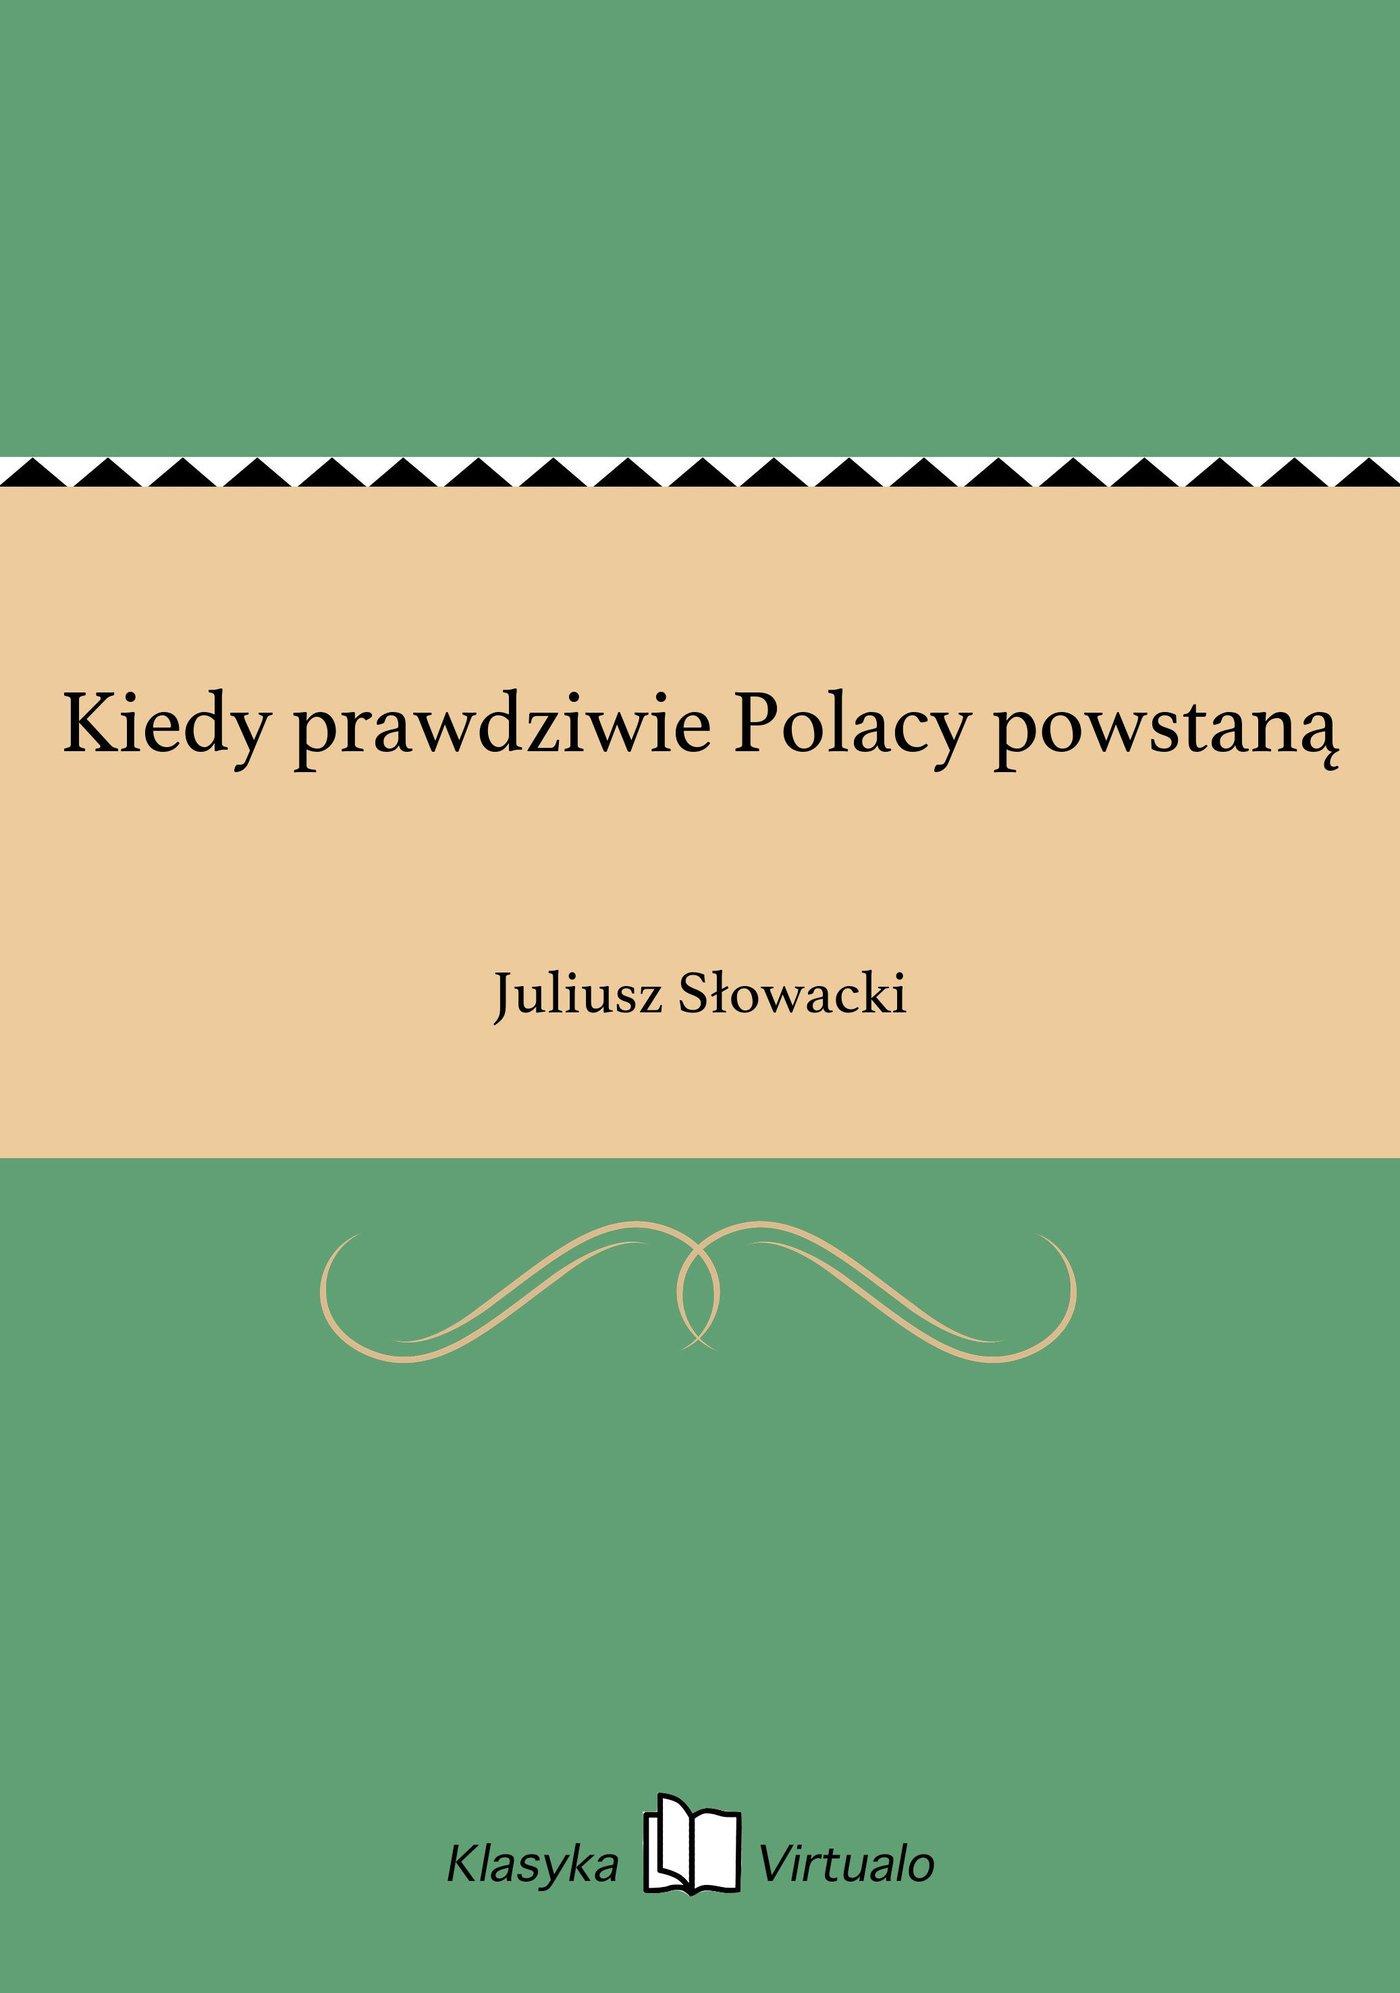 Kiedy prawdziwie Polacy powstaną - Ebook (Książka na Kindle) do pobrania w formacie MOBI